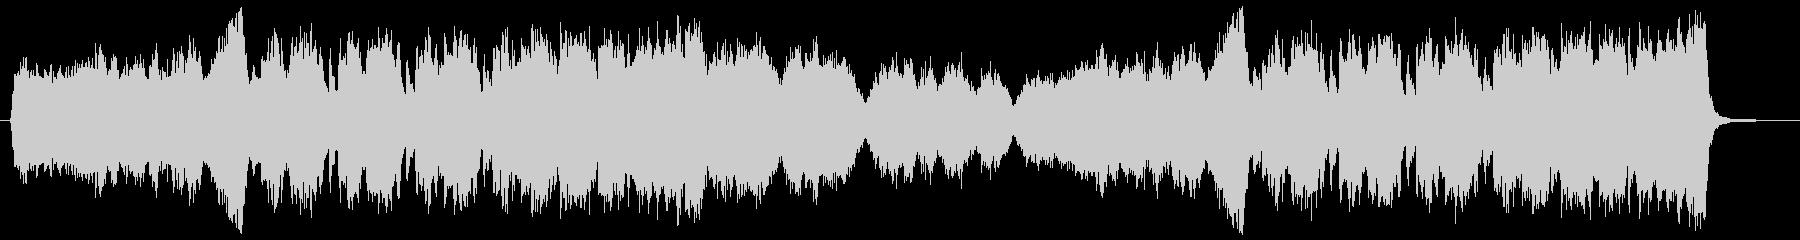 不穏なイメージのオーケストラの未再生の波形